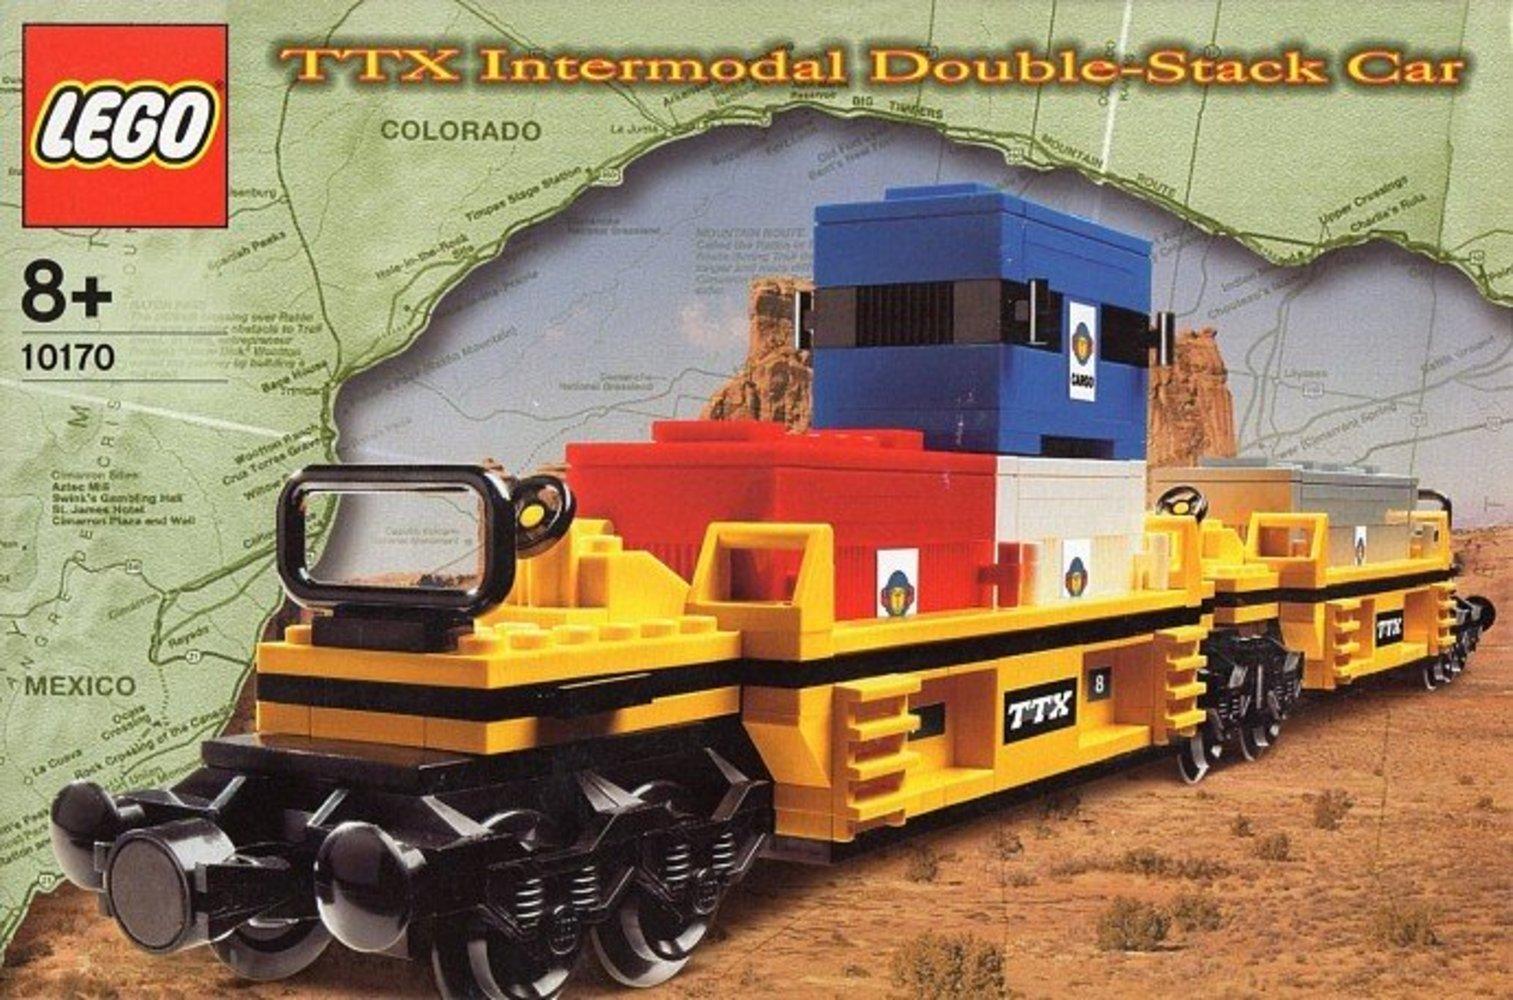 TTX Intermodal Double-Stack Car